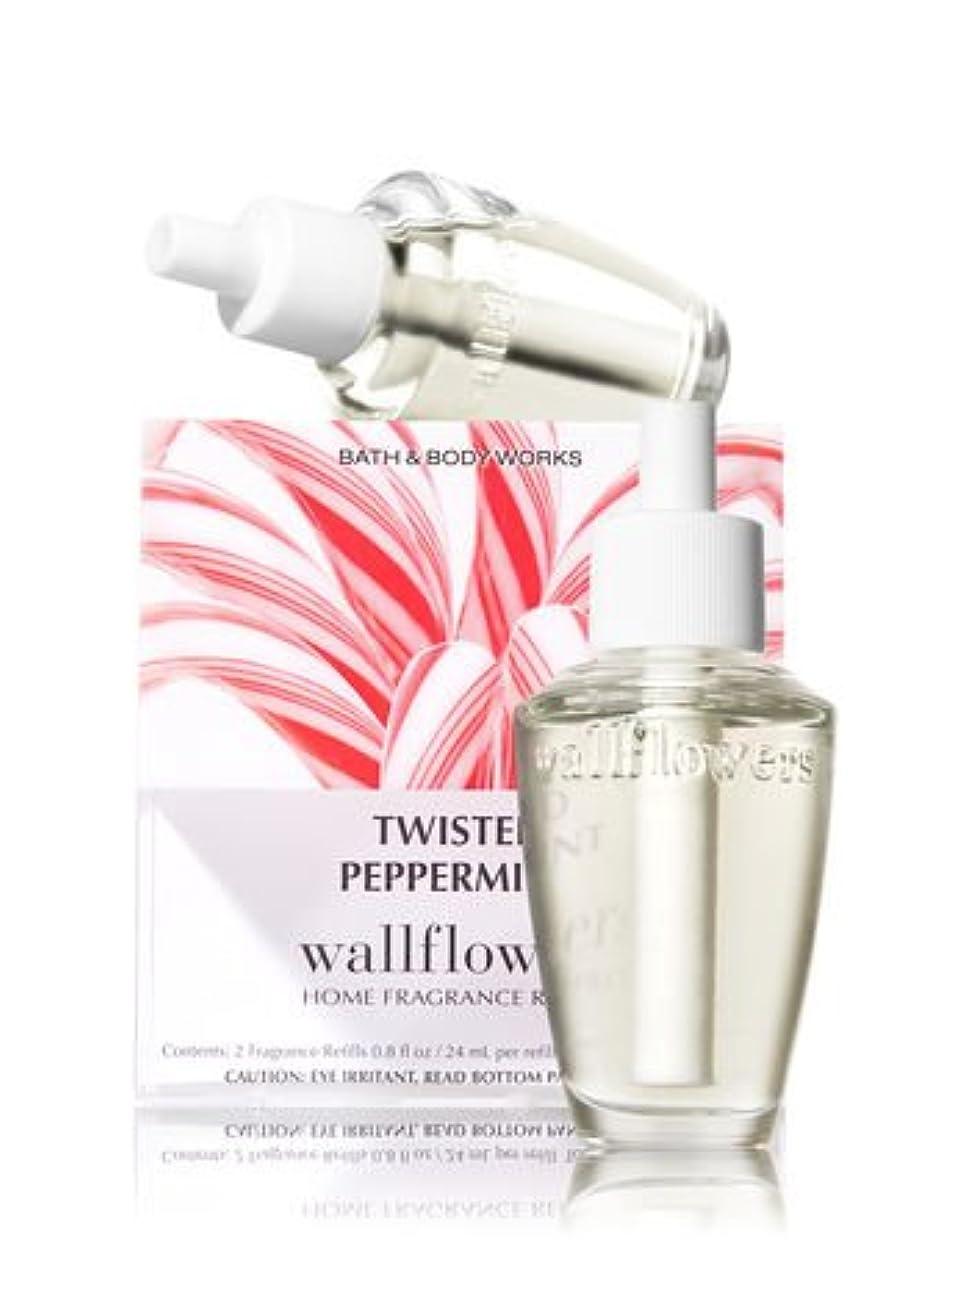 舌な開梱徹底【Bath&Body Works/バス&ボディワークス】 ルームフレグランス 詰替えリフィル(2個入り) ツイステッドペパーミント Wallflowers Home Fragrance 2-Pack Refills Twisted Peppermint [並行輸入品]